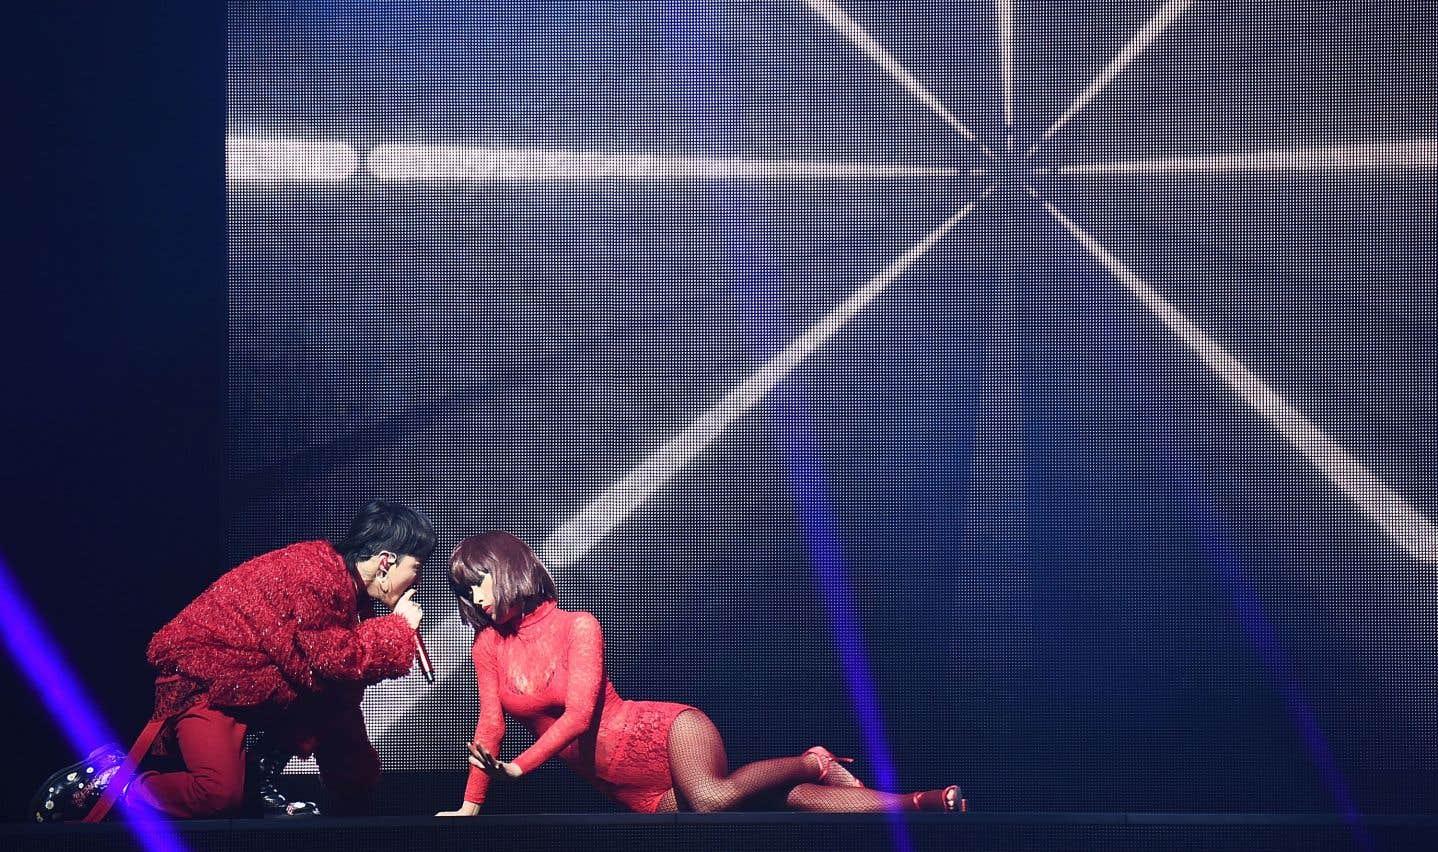 K-pop, l'art d'influencer le reste du monde